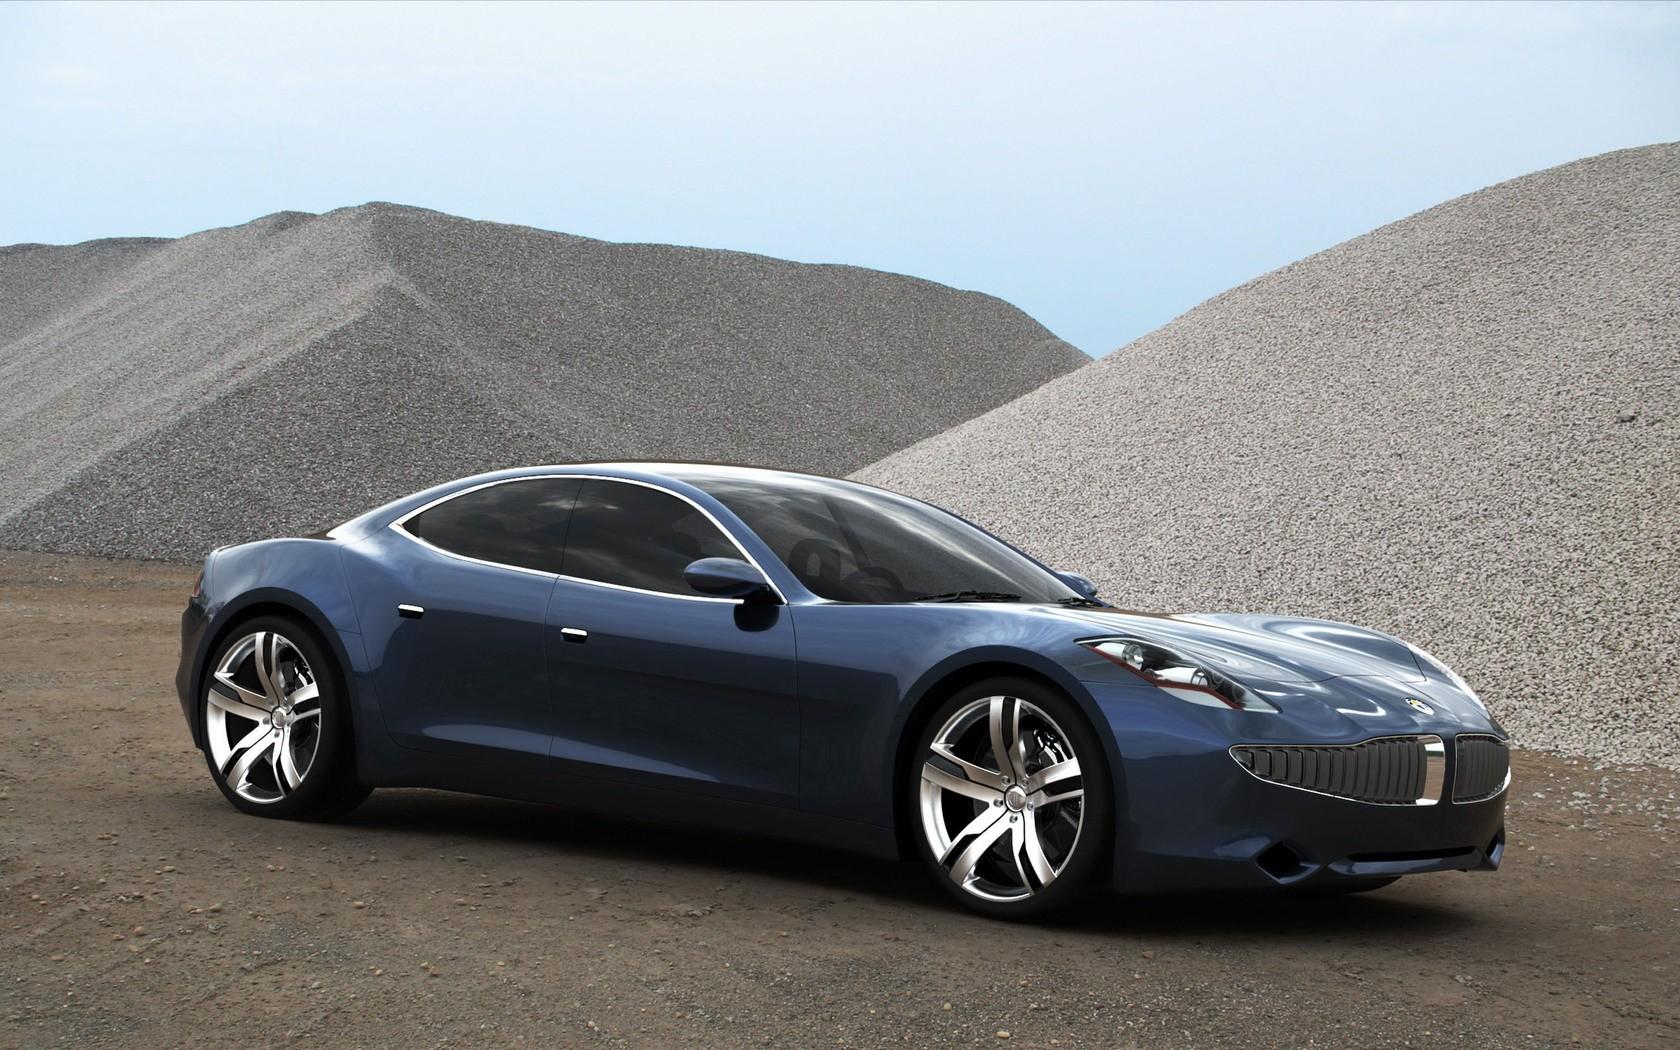 Super Cars 3933 1680x1050px